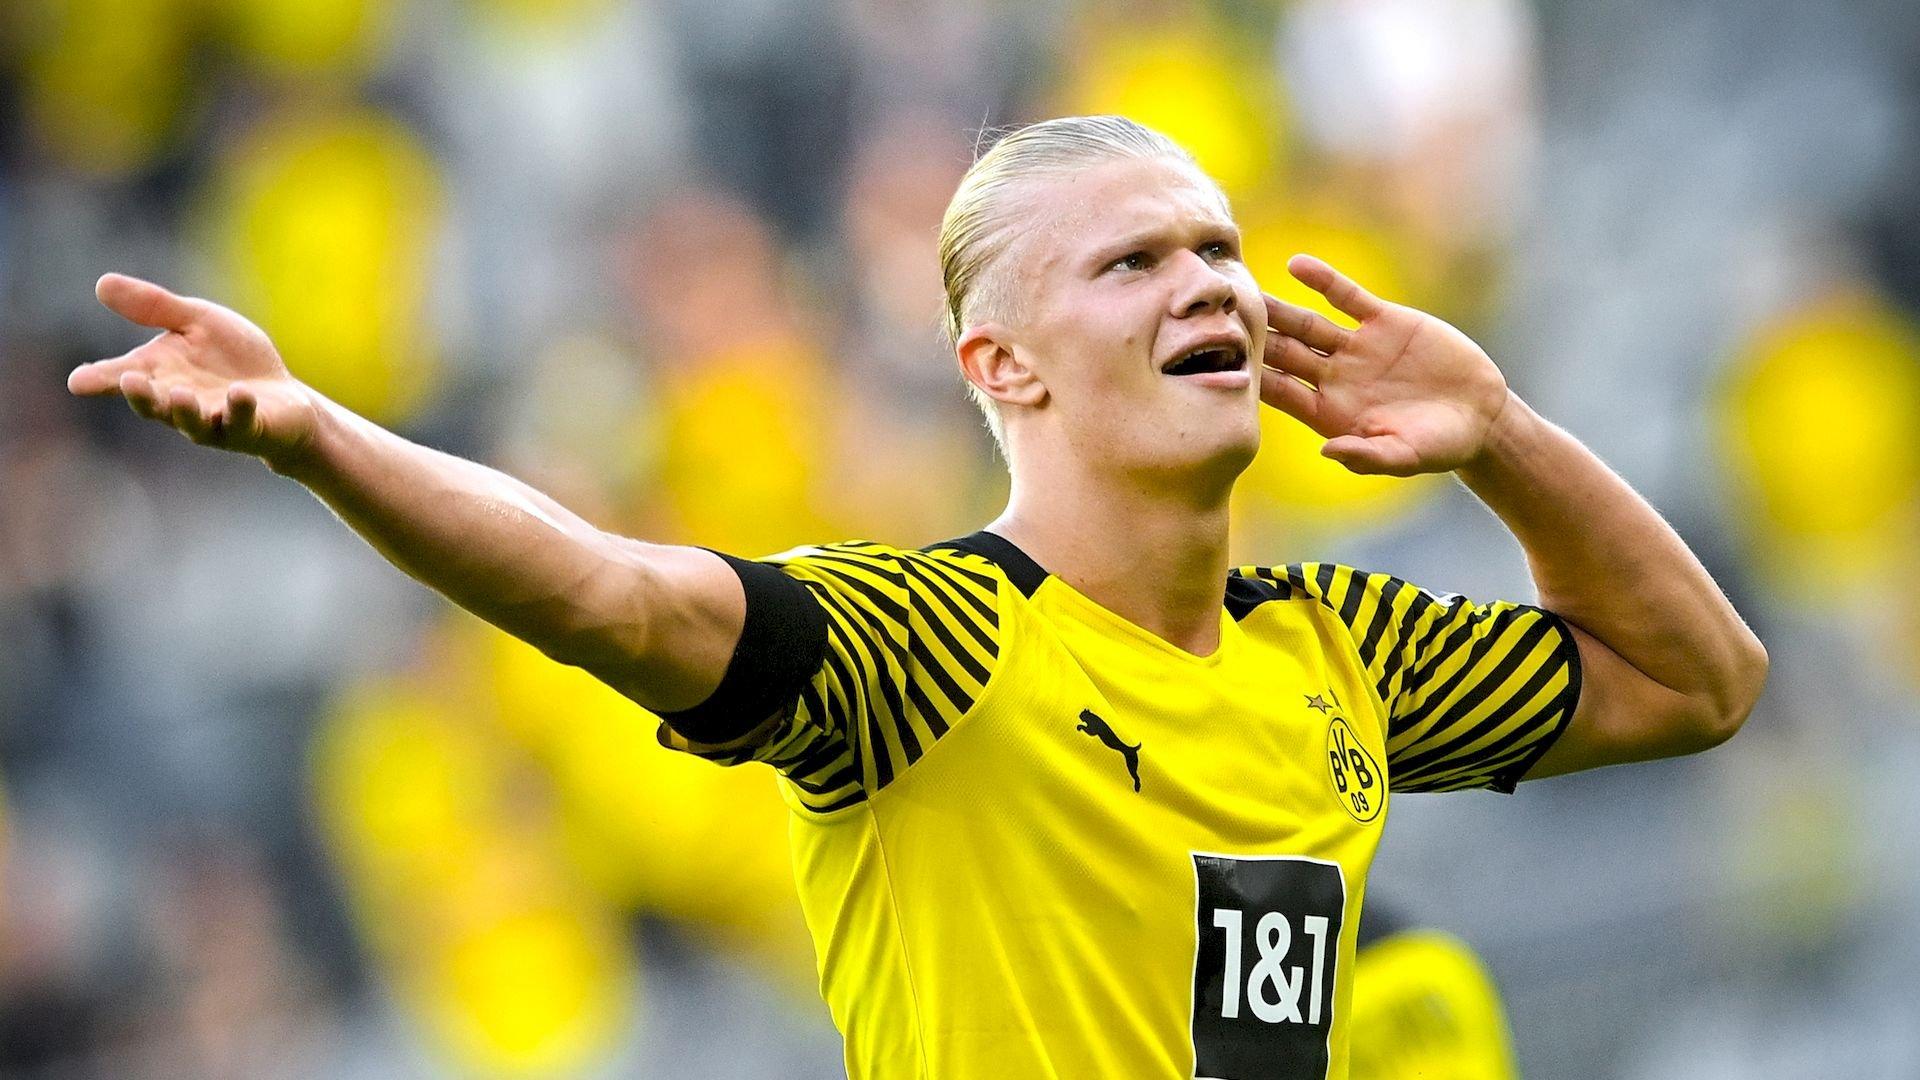 هالاند, آرلينغ هالاند, هدف هالاند, هدف هالاند بروسيا دورتموند, بروسيا دورتموند, Erling Haaland, Haaland, Borussia Dortmund